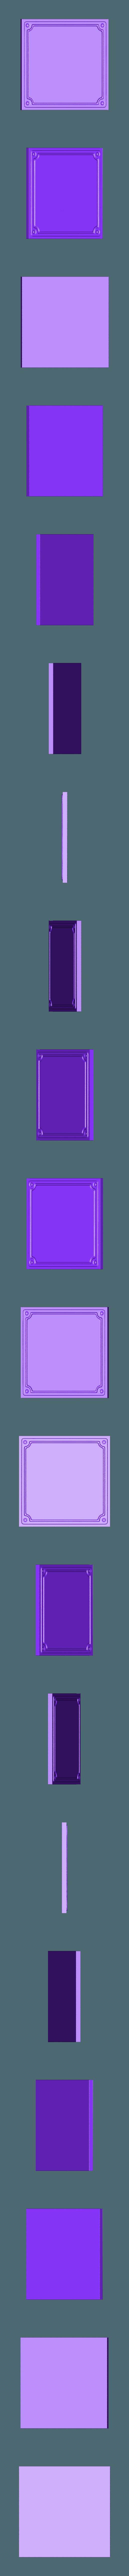 Floor.stl Télécharger fichier STL Modular Space Tiles (kit de base pour votre table) [Kickstarterproject] • Modèle imprimable en 3D, Nemoriko